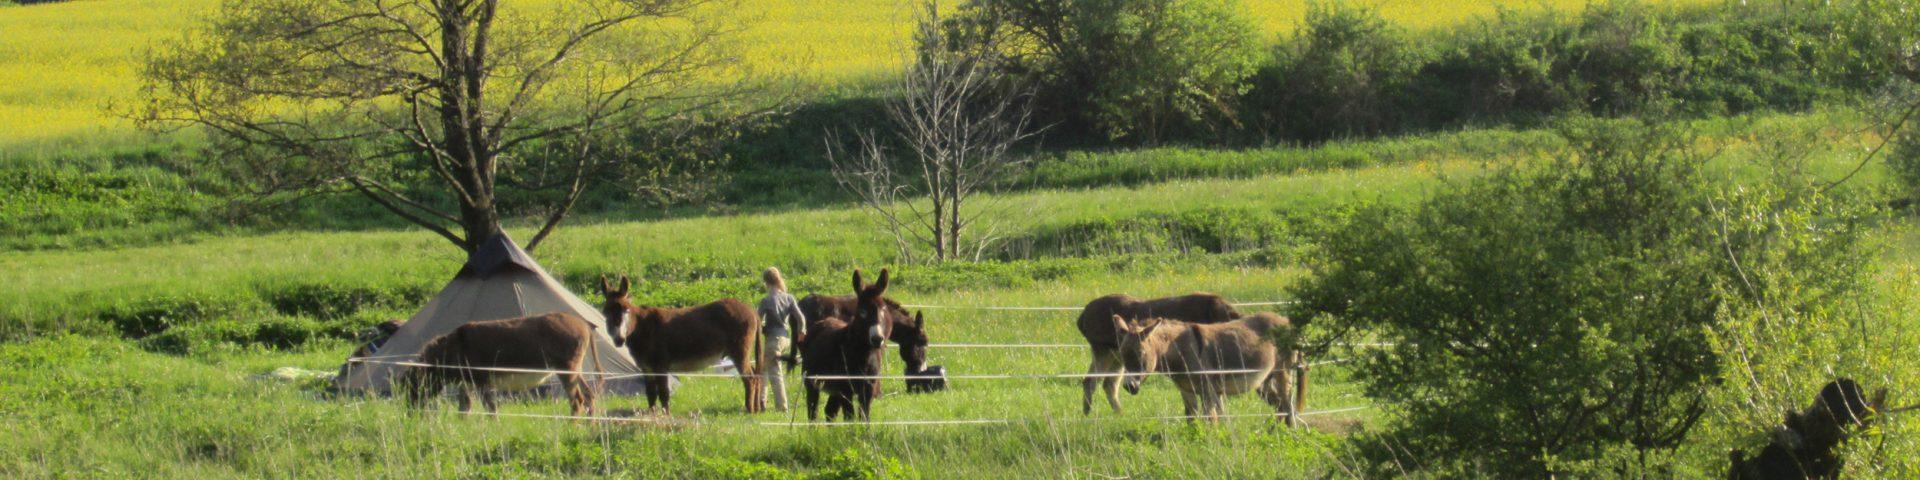 Pack.Esel Eselwandern